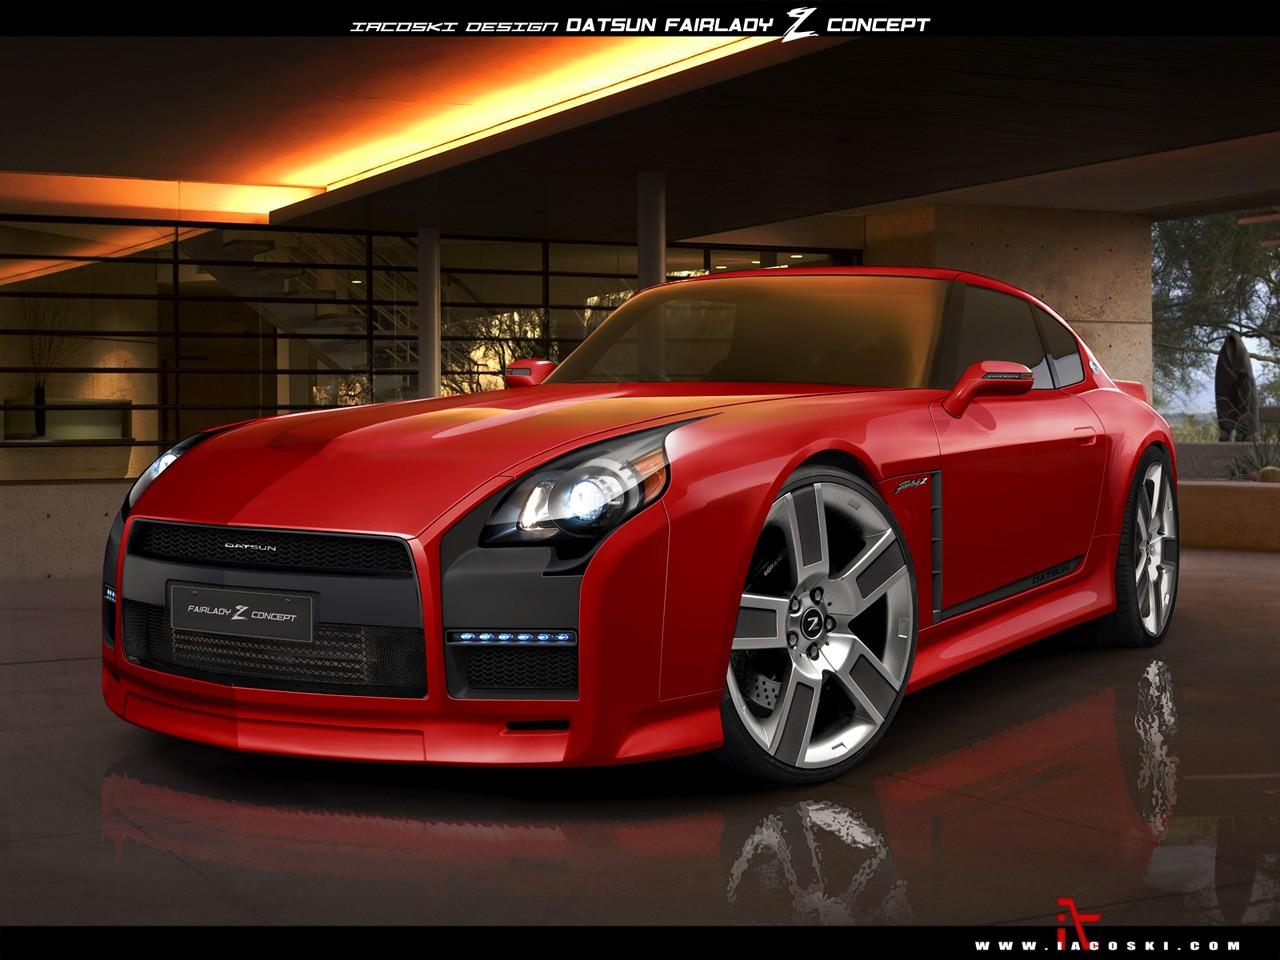 New 240sx concept